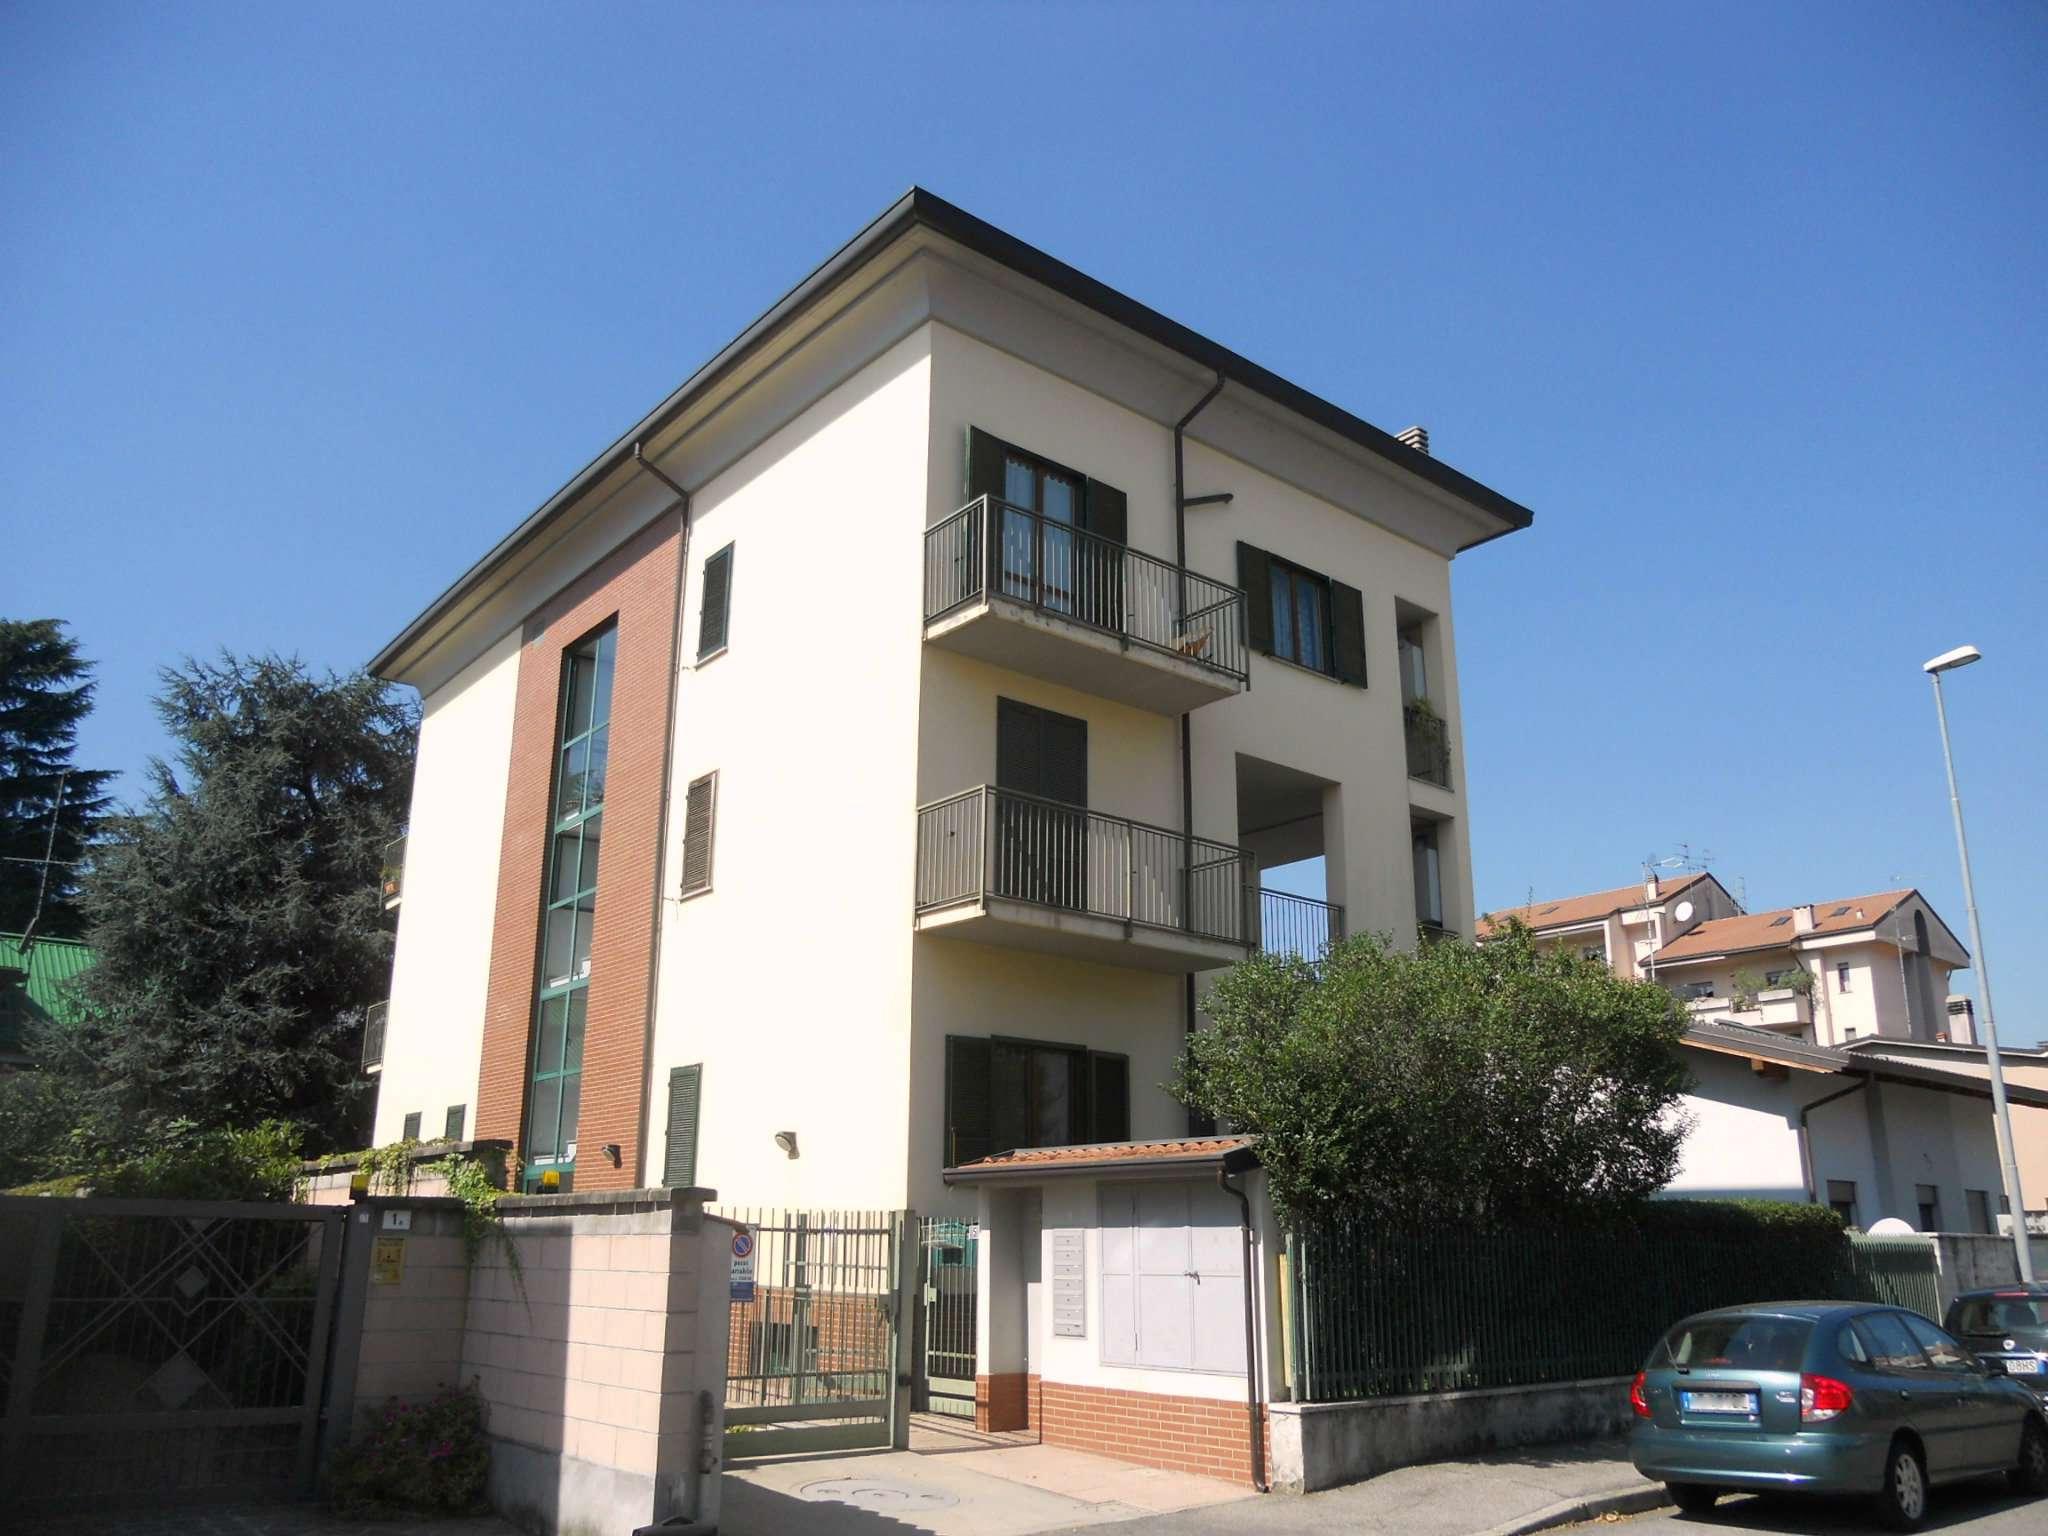 Attico / Mansarda in vendita a Lissone, 4 locali, prezzo € 239.000 | PortaleAgenzieImmobiliari.it